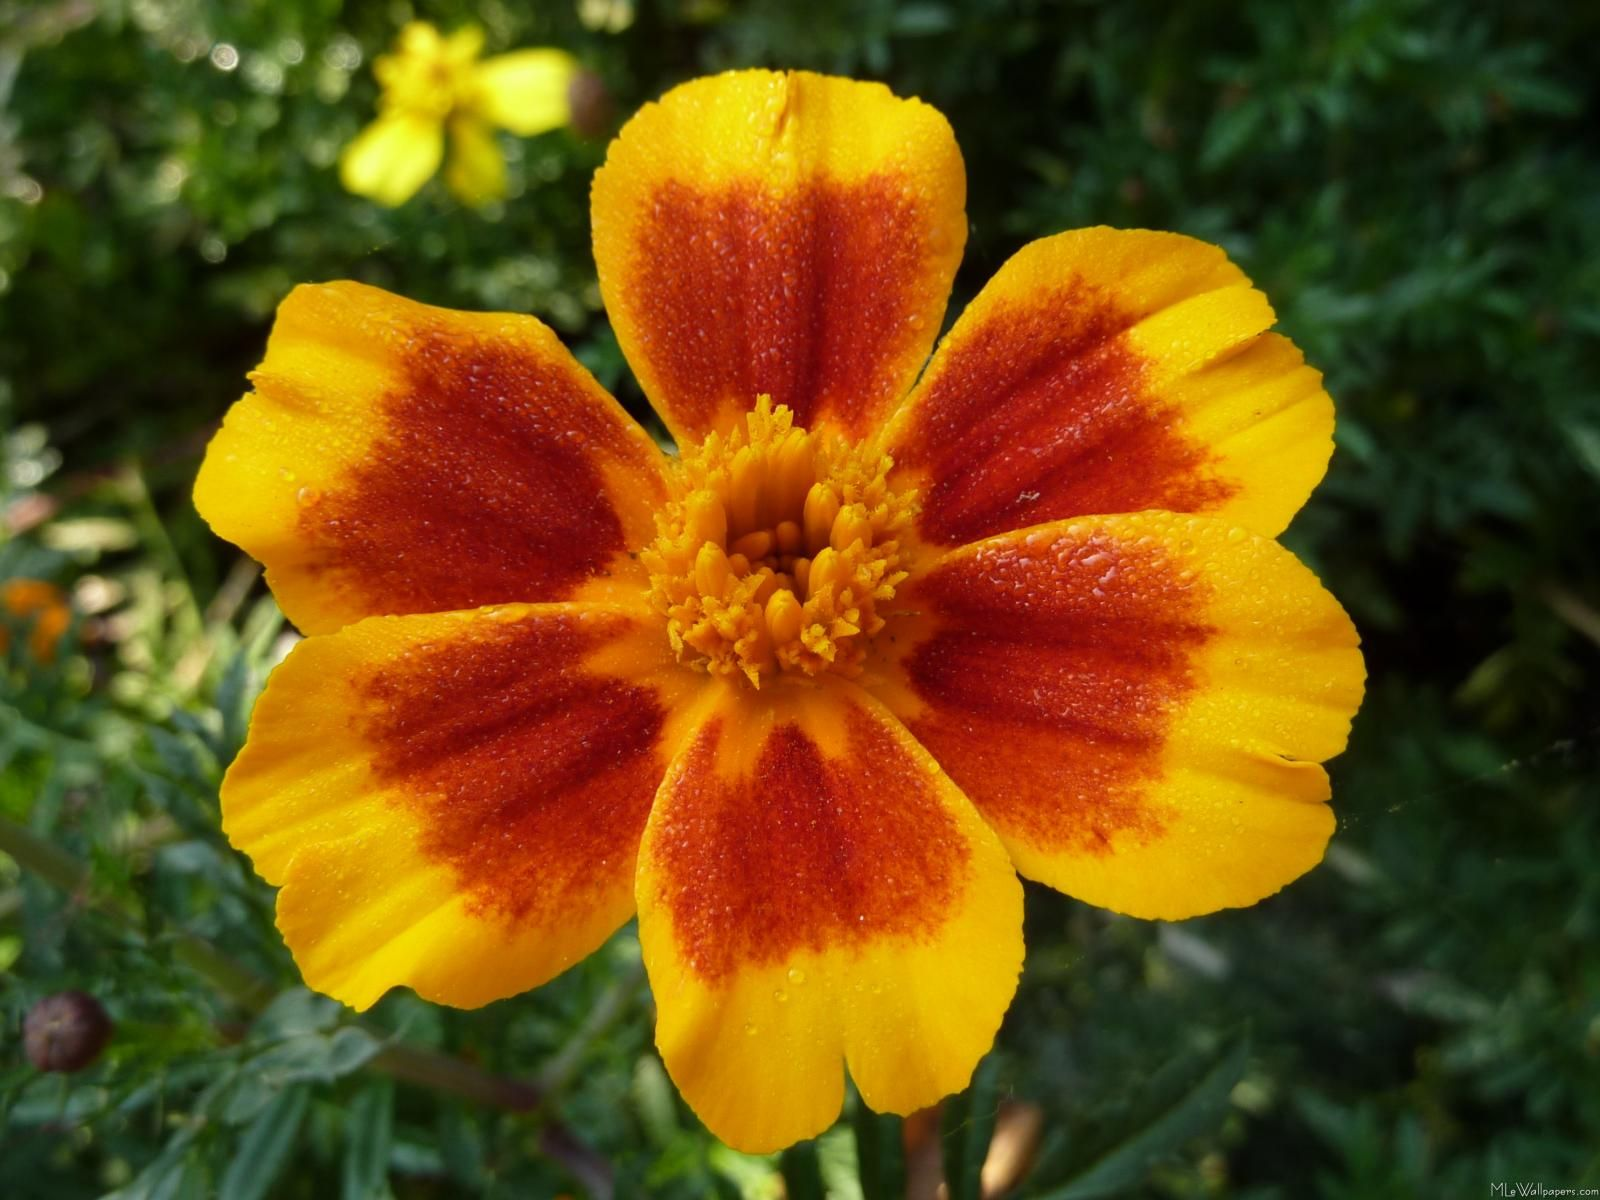 Marigold october birth flower tattoo ideas pinterest october marigold october birth flower izmirmasajfo